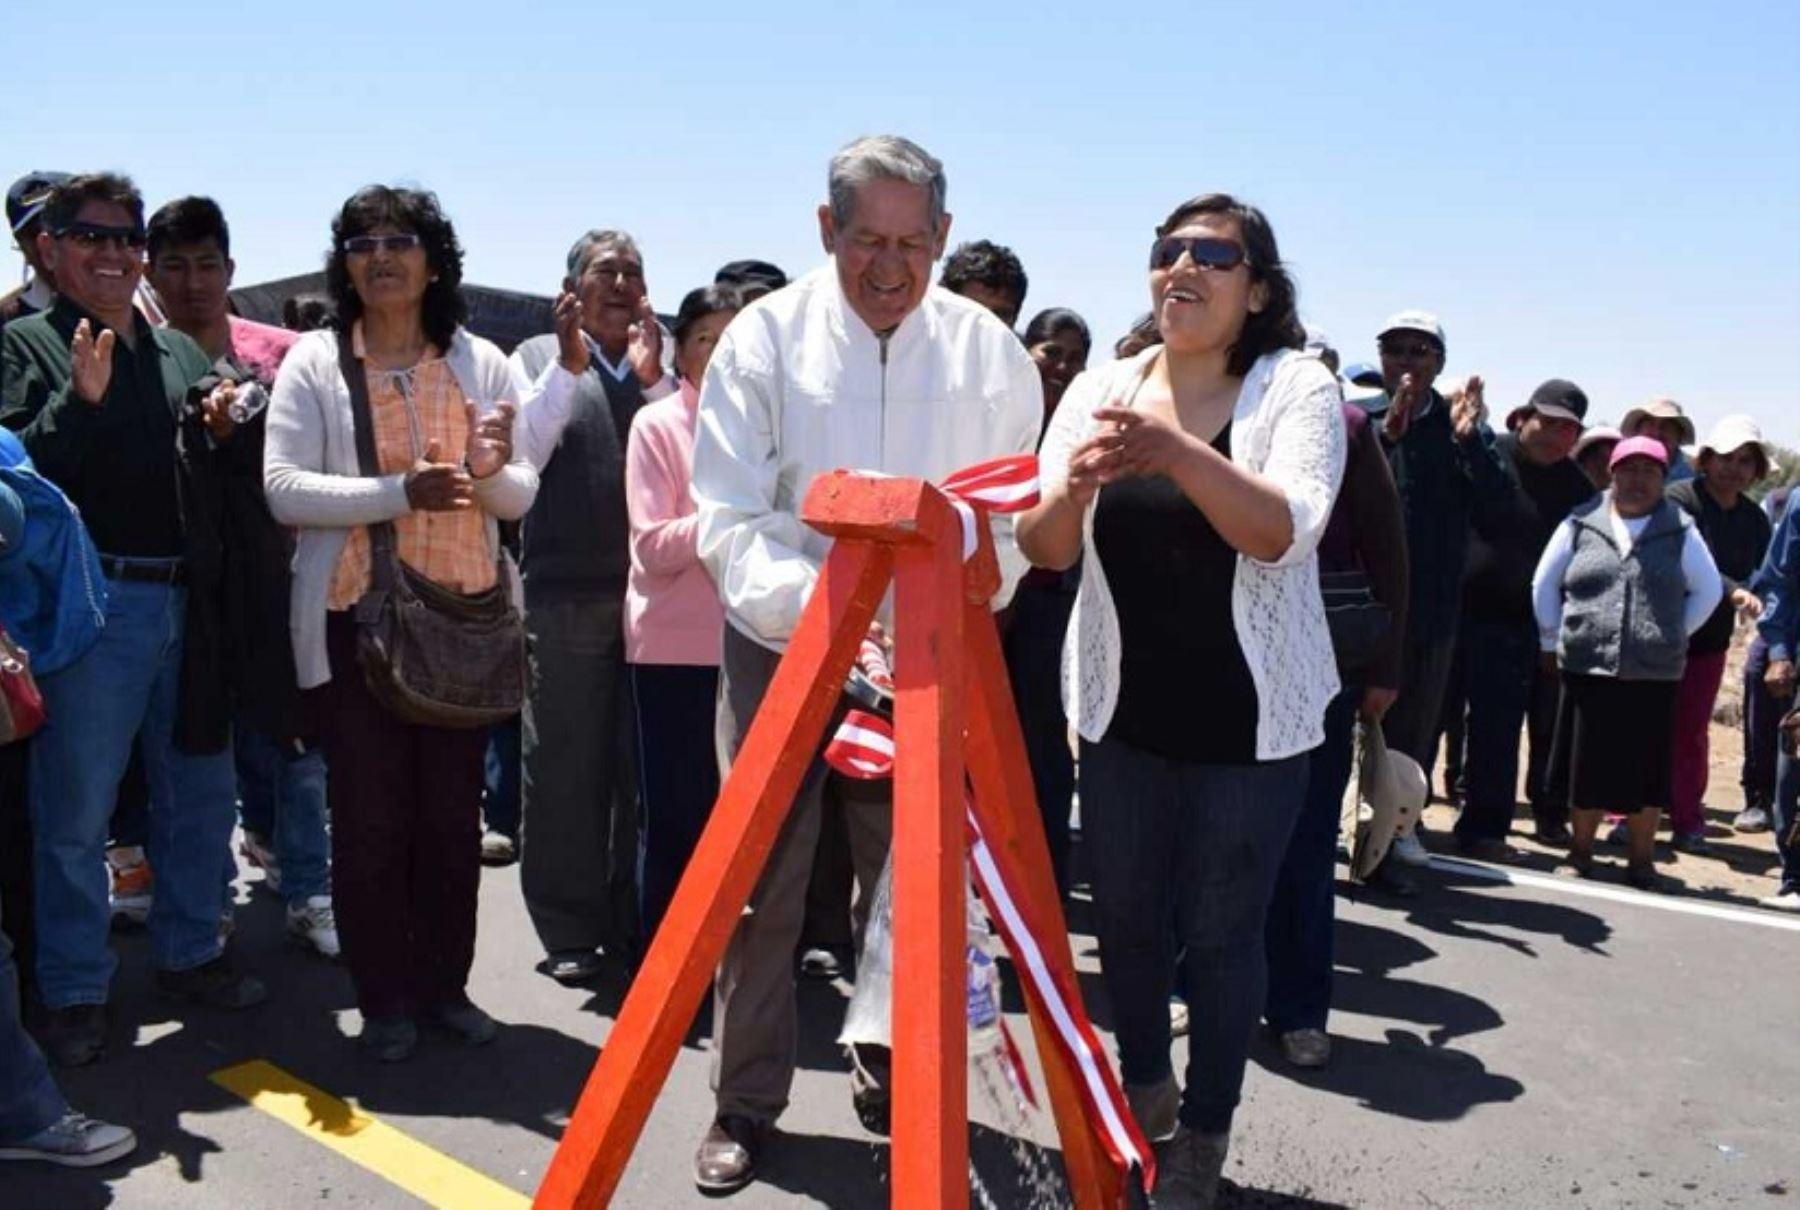 La nueva carretera inaugurada por el alcalde provincial de Tacna, Luis Torres Robledo, en el distrito fronterizo de La Yarada-Los Palos, se convertirá en una importante vía que facilitará el transporte de los productos agrícolas y pesqueros, además de fomentar el turismo, sostuvo la autoridad edilicia.